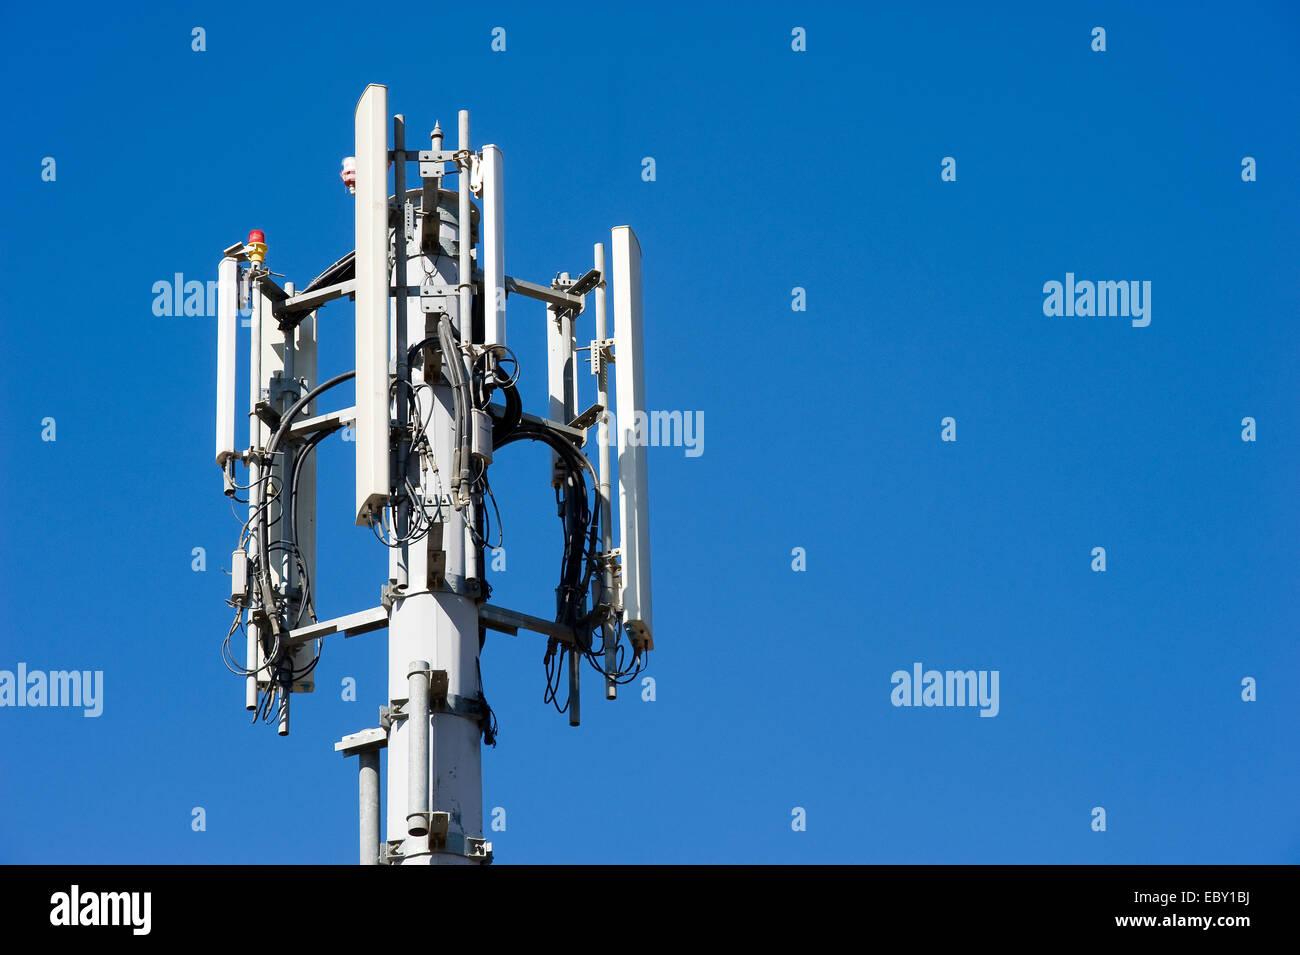 Antenne für Mobilfunk Stockfoto